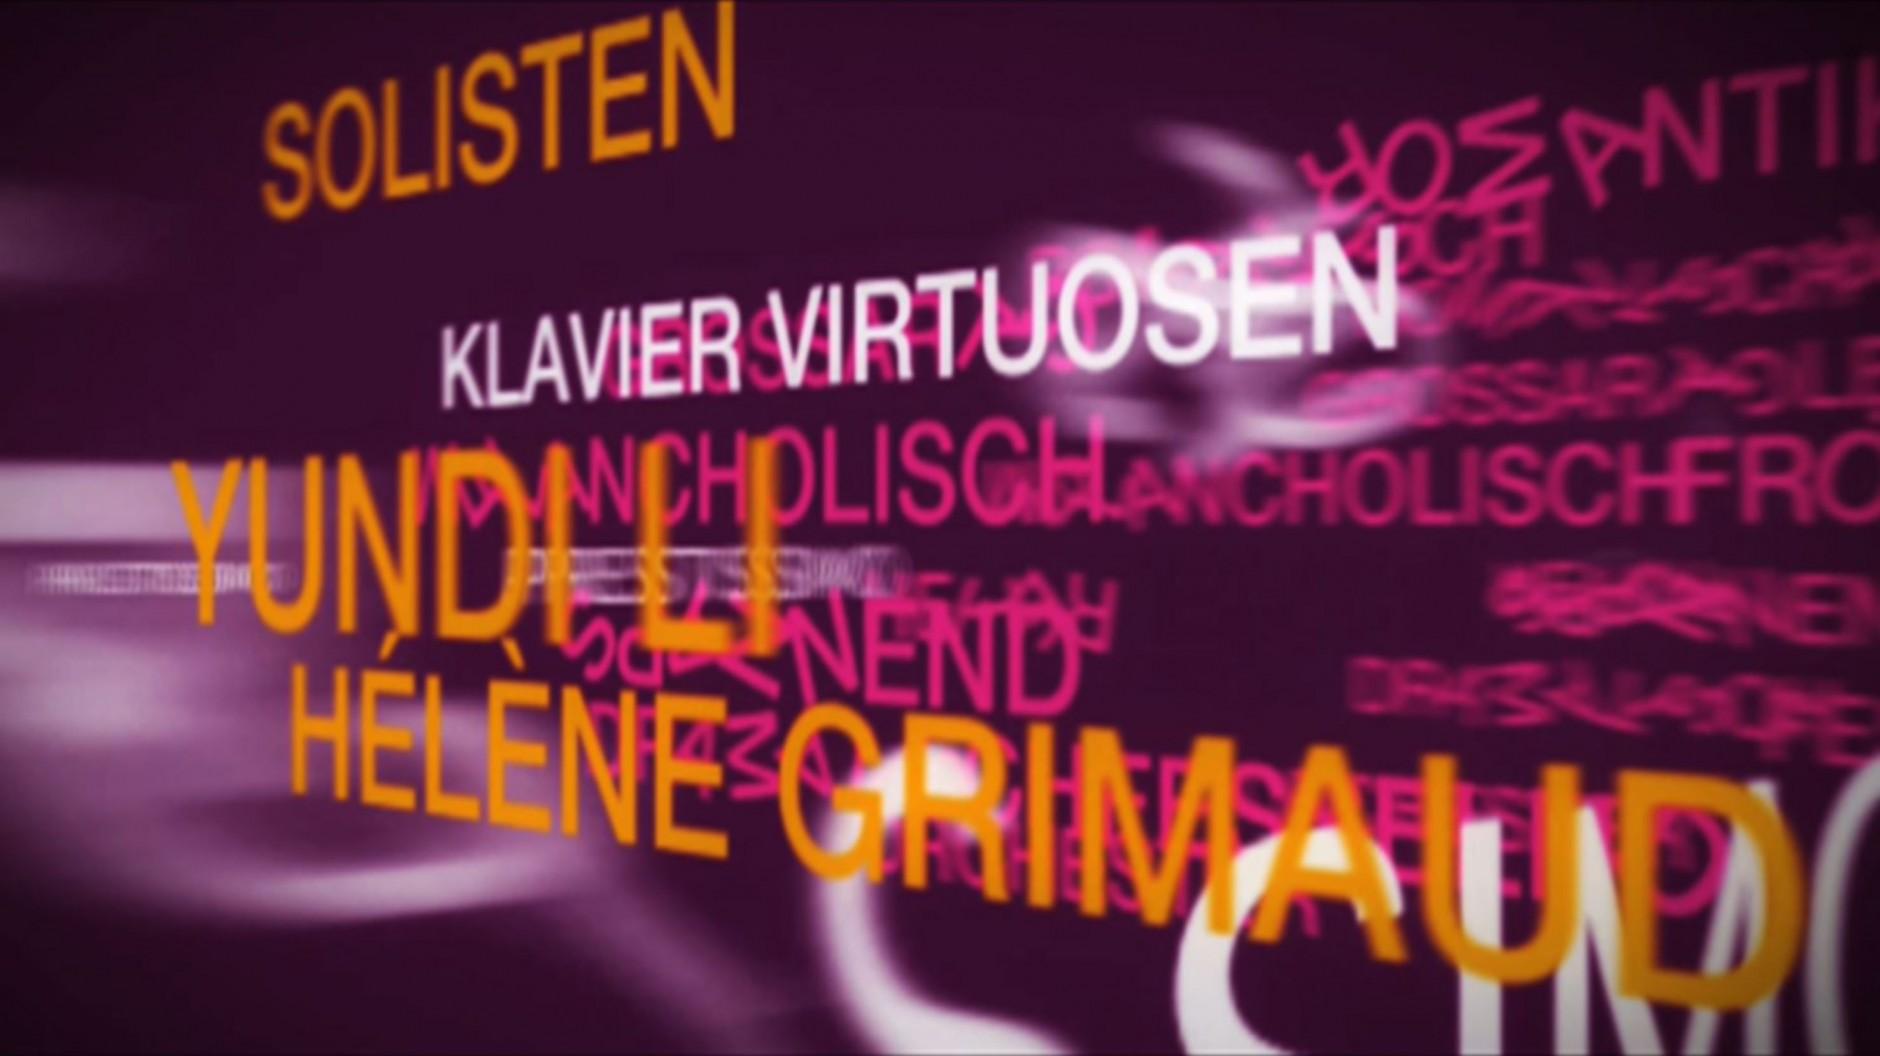 Bewegte Schrift | Jung von Matt/Elbe GmbH / tisch eins, Typofonie, Imagefilm für das Konzerthaus Dortmund / Philharmonie Westfalen, 2006 © bei den Autoren